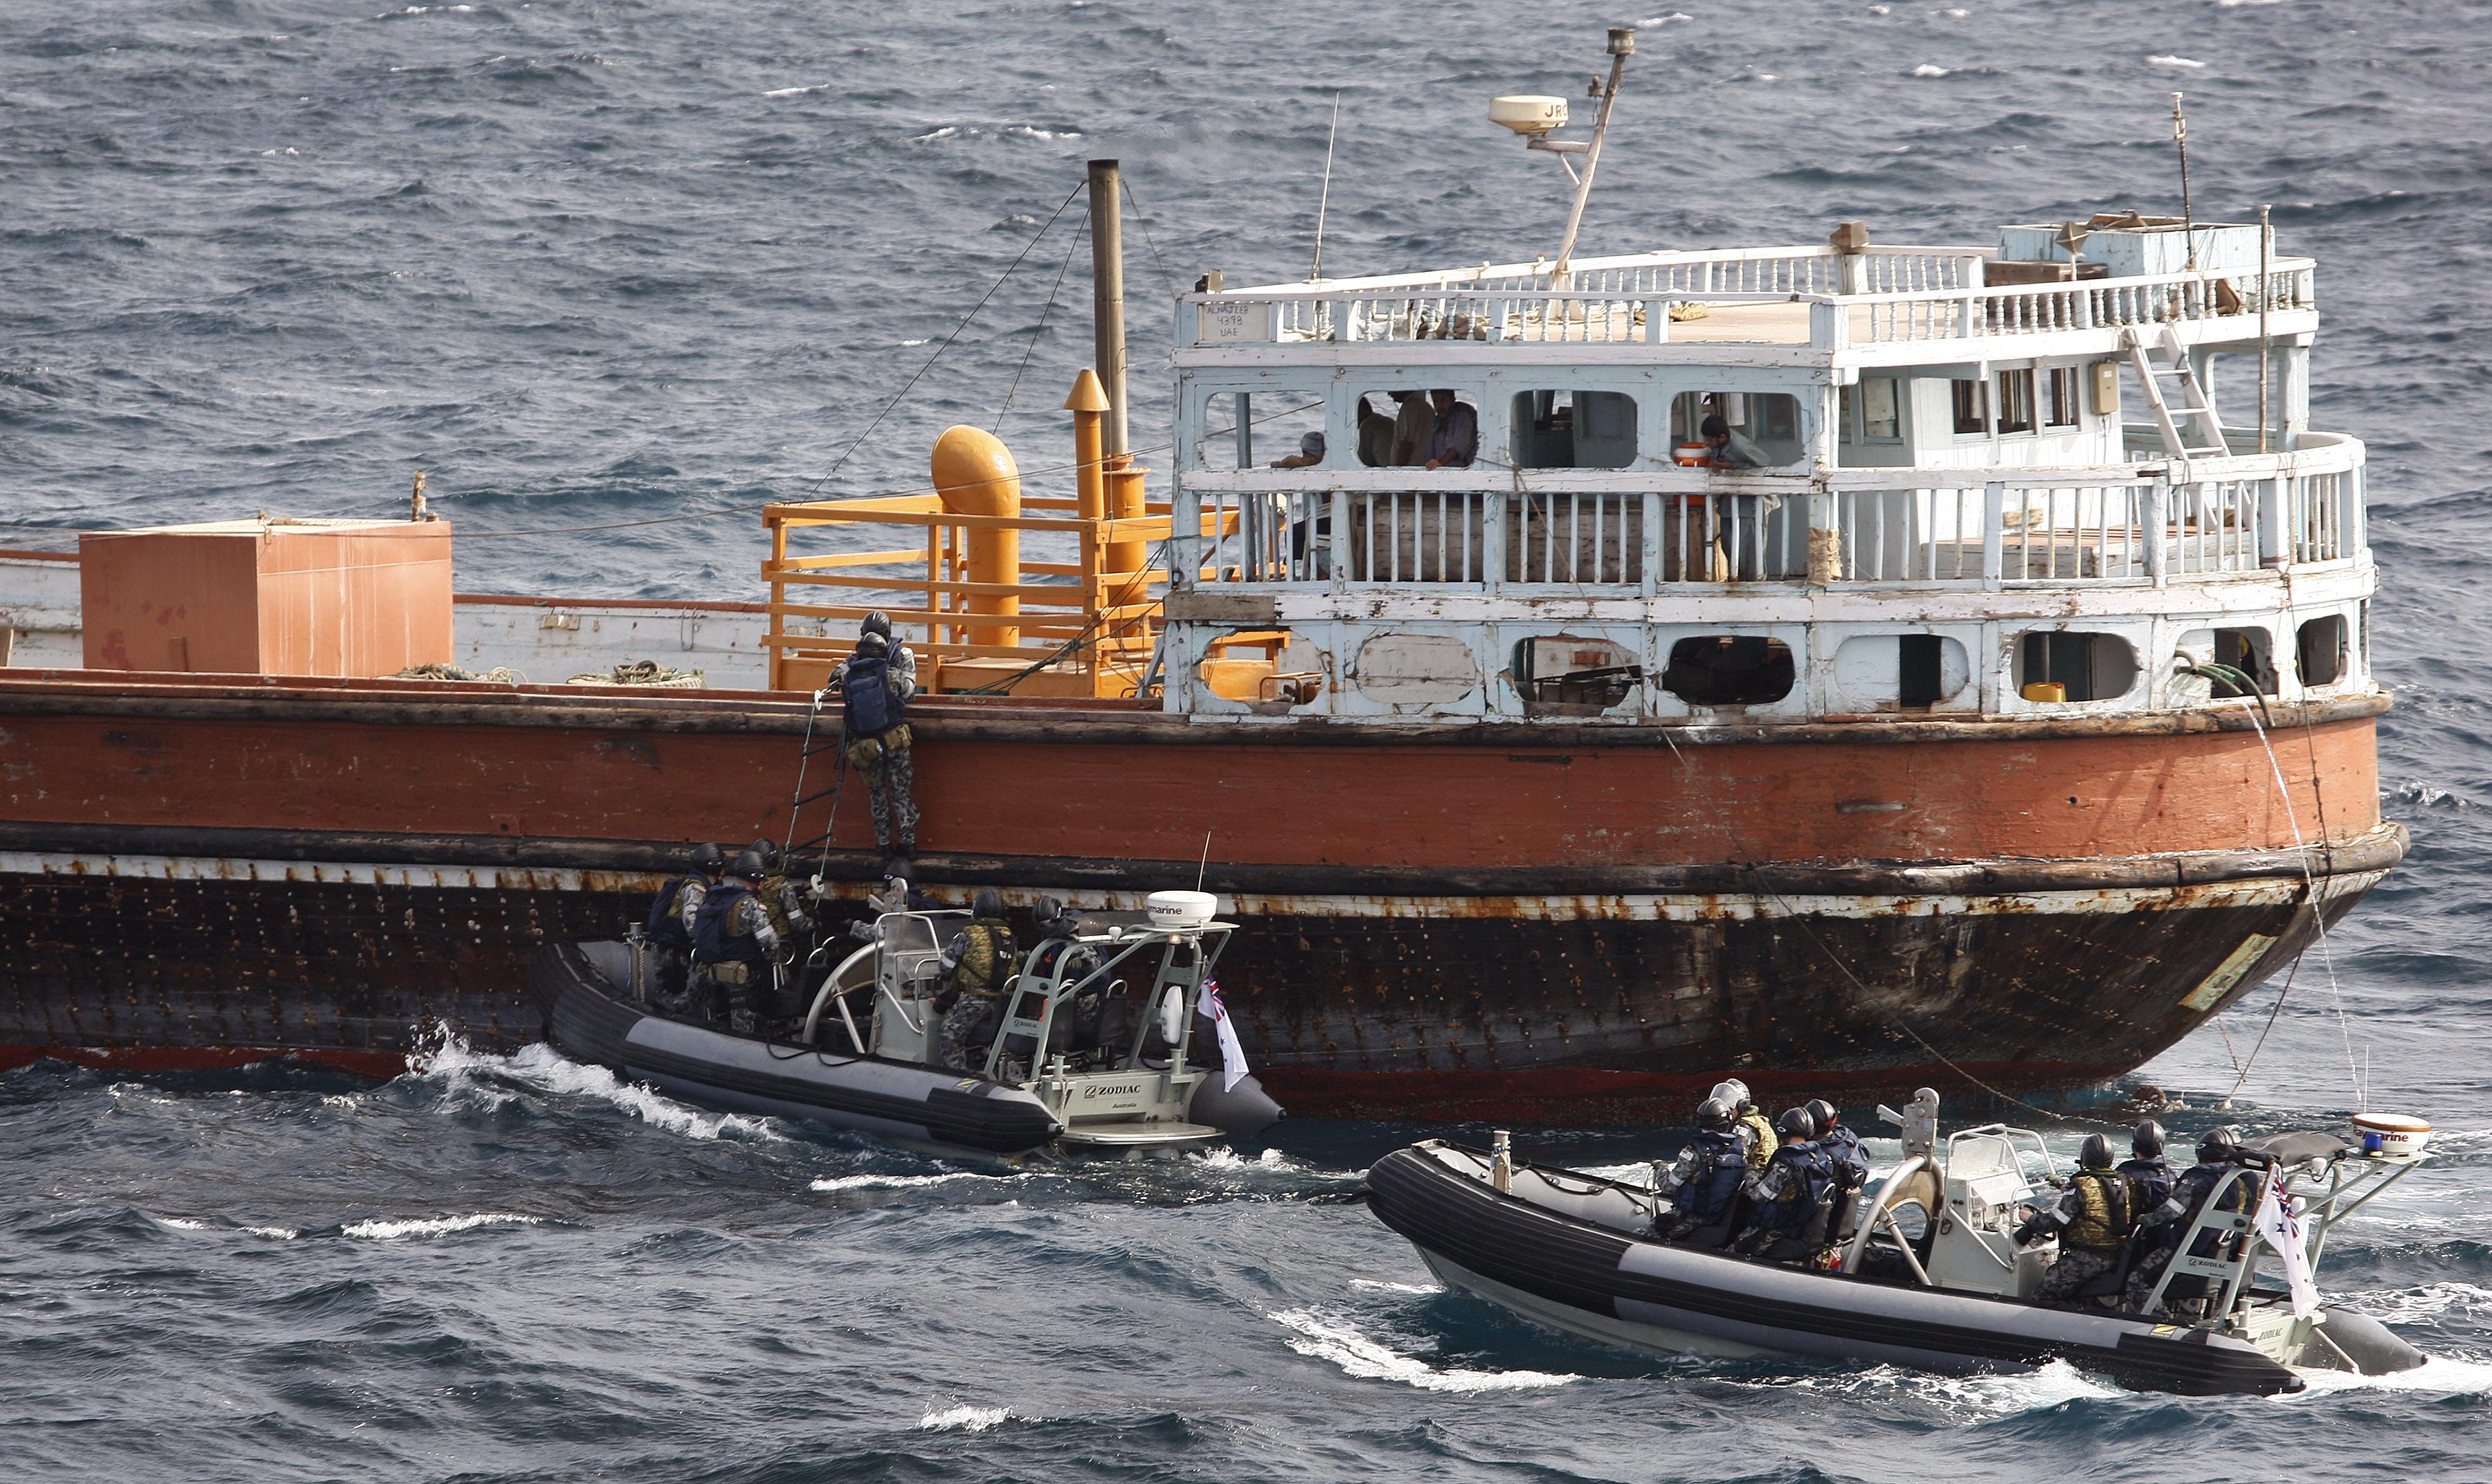 Geopolitica: La maritime security nel terzo millennio, le ragioni dell'instabilità di Andrea Mucedola